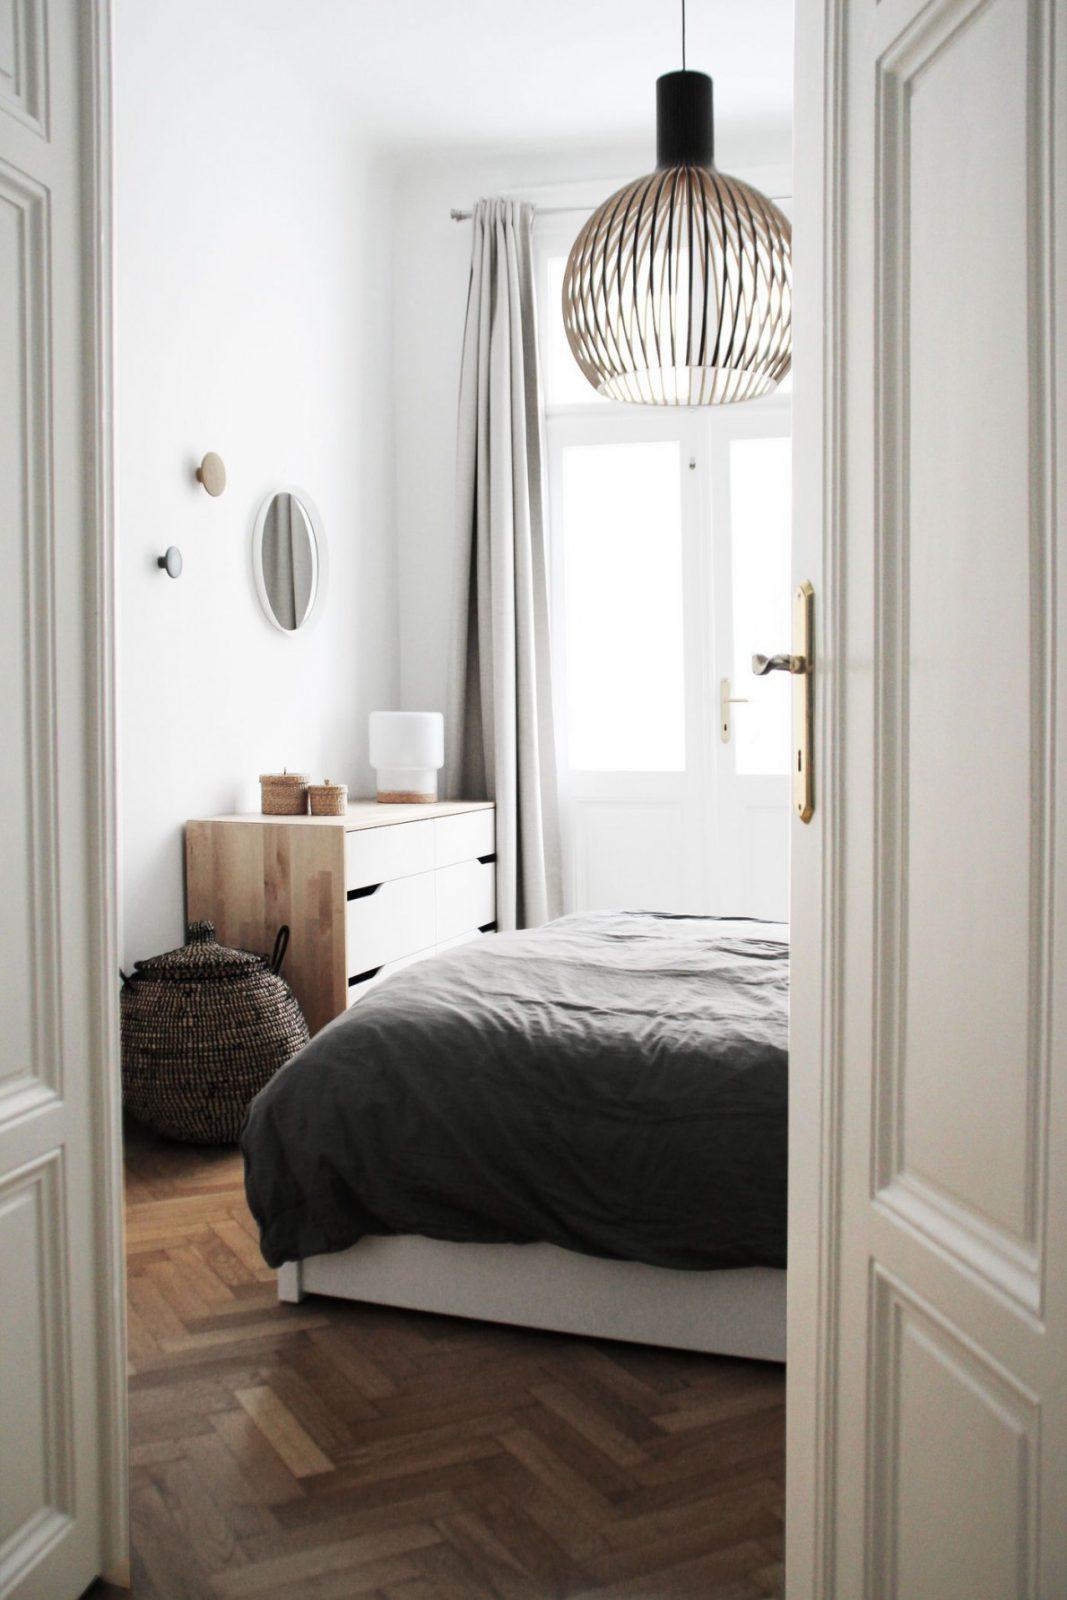 Schlafzimmer Ideen Zum Einrichten  Gestalten von Einrichtung Schlafzimmer Ideen Bild